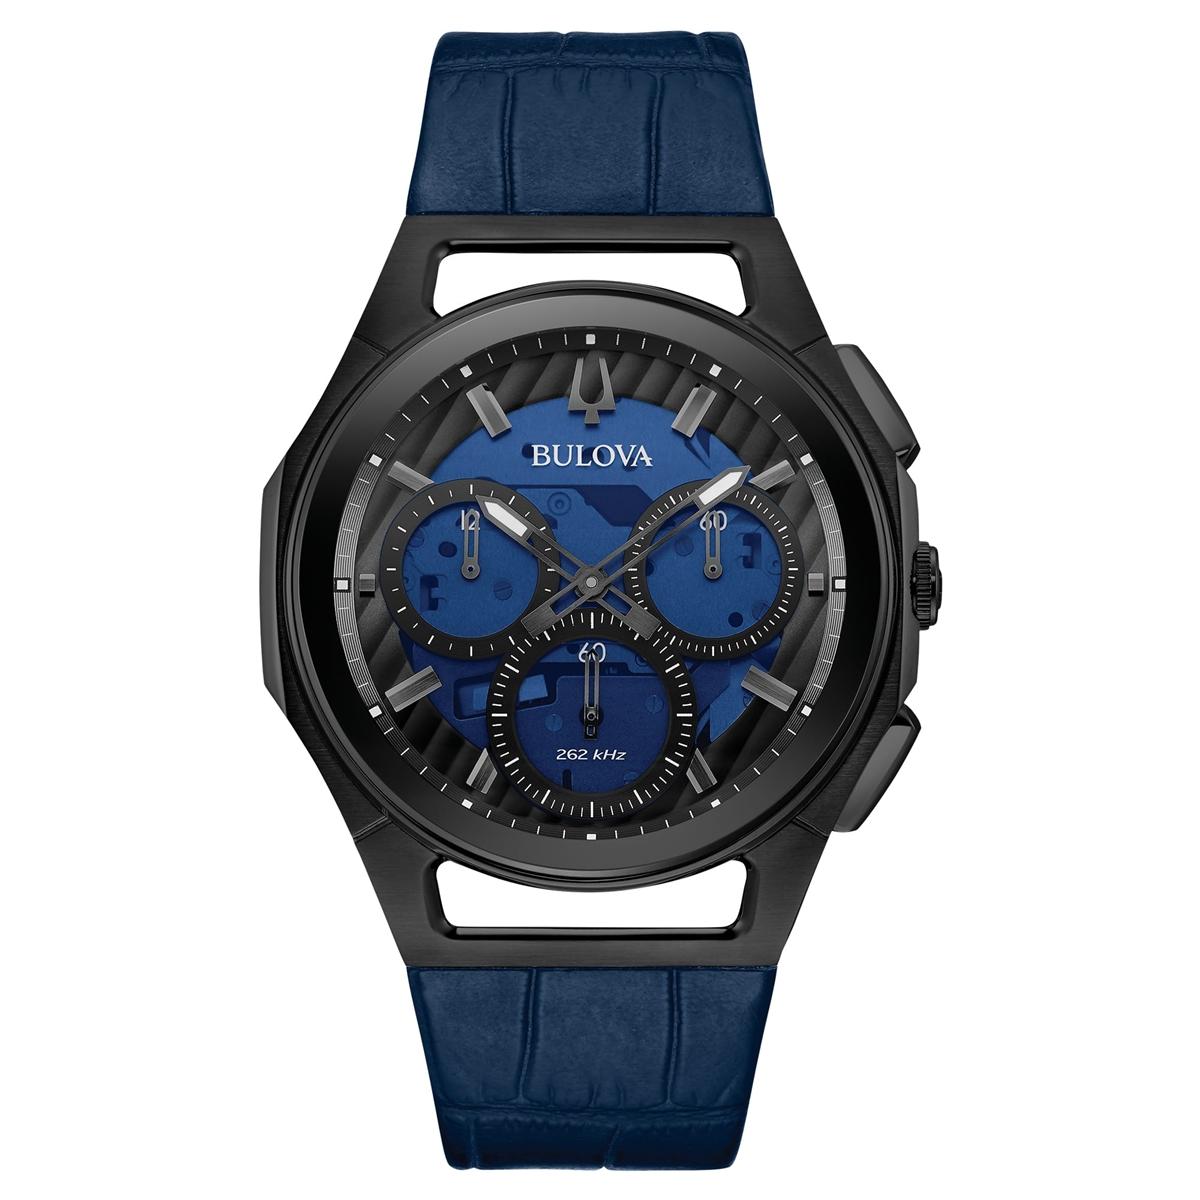 【5/10までオリジナルトラベルクロックをプレゼント】 ブローバ BULOVA 98A232 カーブ プログレッシブ スポーツ クロノグラフ 正規品 腕時計